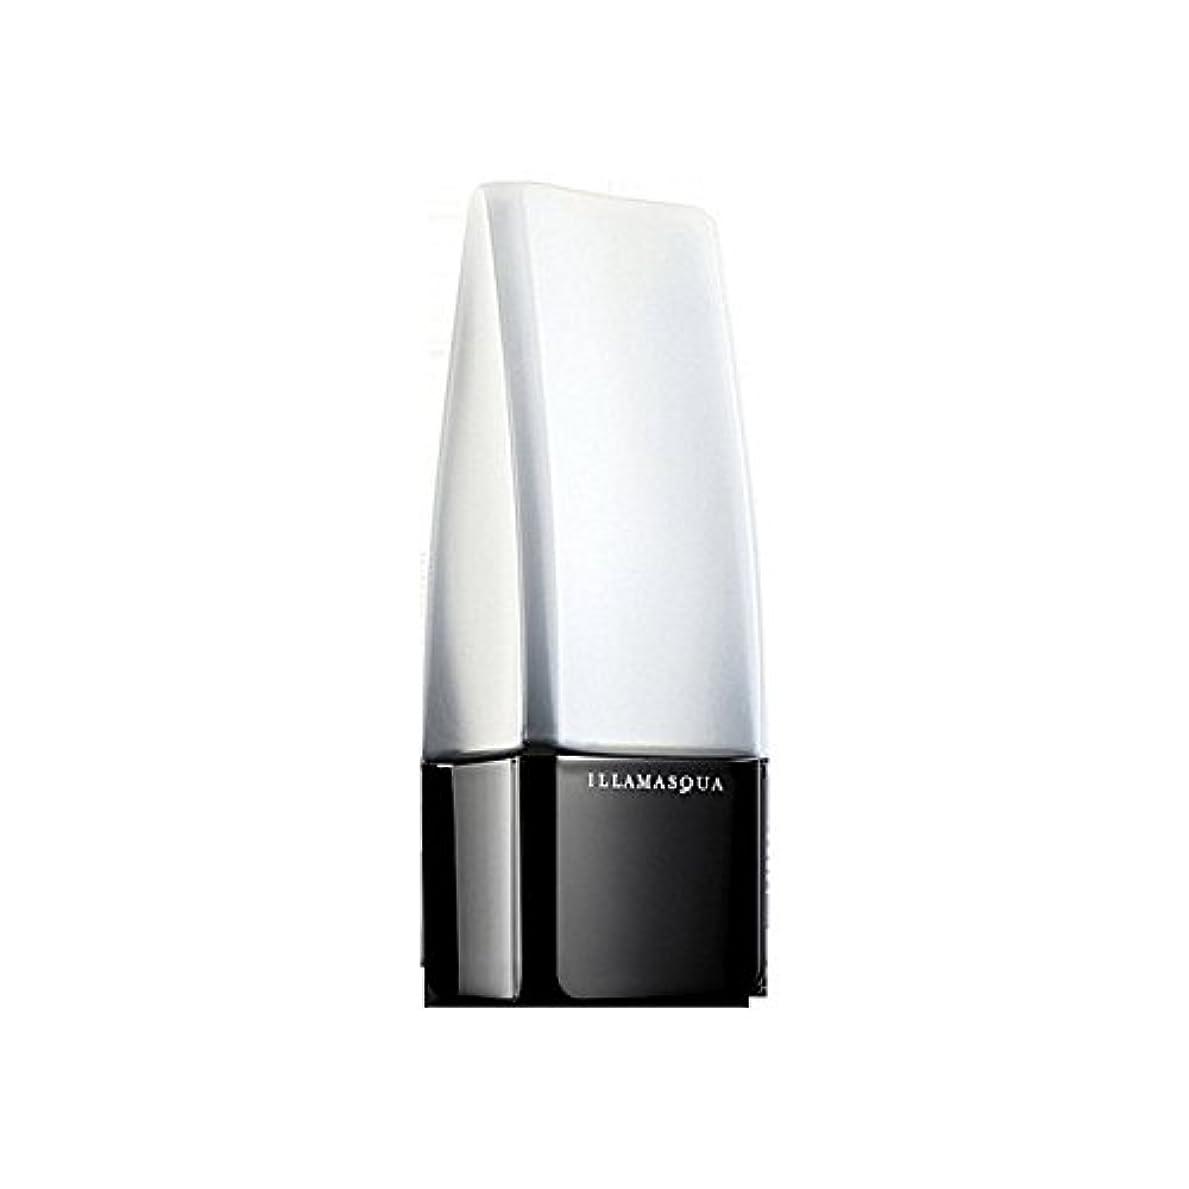 スイ有能な受信マットプライマー 20 30ミリリットル x2 - Illamasqua Matt Primer Spf 20 30ml (Pack of 2) [並行輸入品]